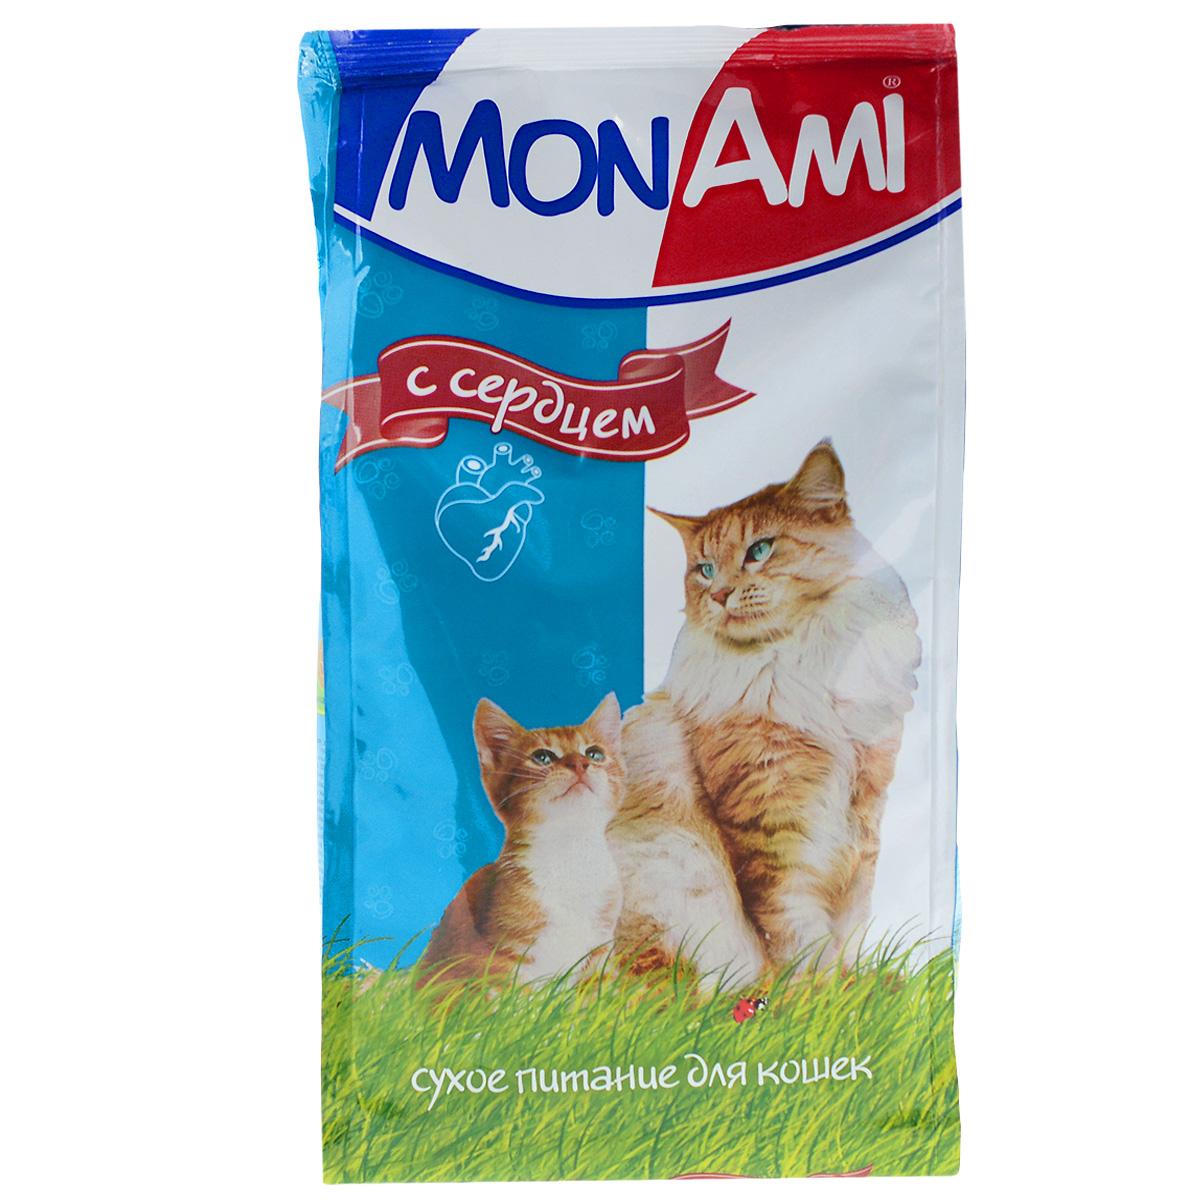 Корм сухой для кошек Mon Ami, с сердцем, 400 г59314Сухой корм для кошек Mon Ami - это полноценное сбалансированное питание для кошек, разработанное с использованием современных технологий. Особенности рациона: Необходимое сочетание ингредиентов для достижения правильной усвояемости питательных веществ организмом. Источник линолевой кислоты и правильного уровня витаминов группы В благотворно влияют на кожу и шерсть. Состав: злаки, экстракт белка растительного происхождения, мясо и продукты животного происхождения (в т.ч. сердце), подсолнечное масло, минеральные добавки, пульпа сахарной свеклы (жом), витамины, пивные дрожжи, антиоксидант. Анализ: сырой протеин 30%, сырой жир 10%, сырая зола 7%, сырая клетчатка 2,5%, влажность 10%, фосфор 0,9%, кальций 1,05%, витамин А 5000 МЕ/кг, витамин Д 500 МЕ/кг, витамин Е 30 мг/кг. Энергетическая ценность: 333 ккал/100 г. Товар сертифицирован.